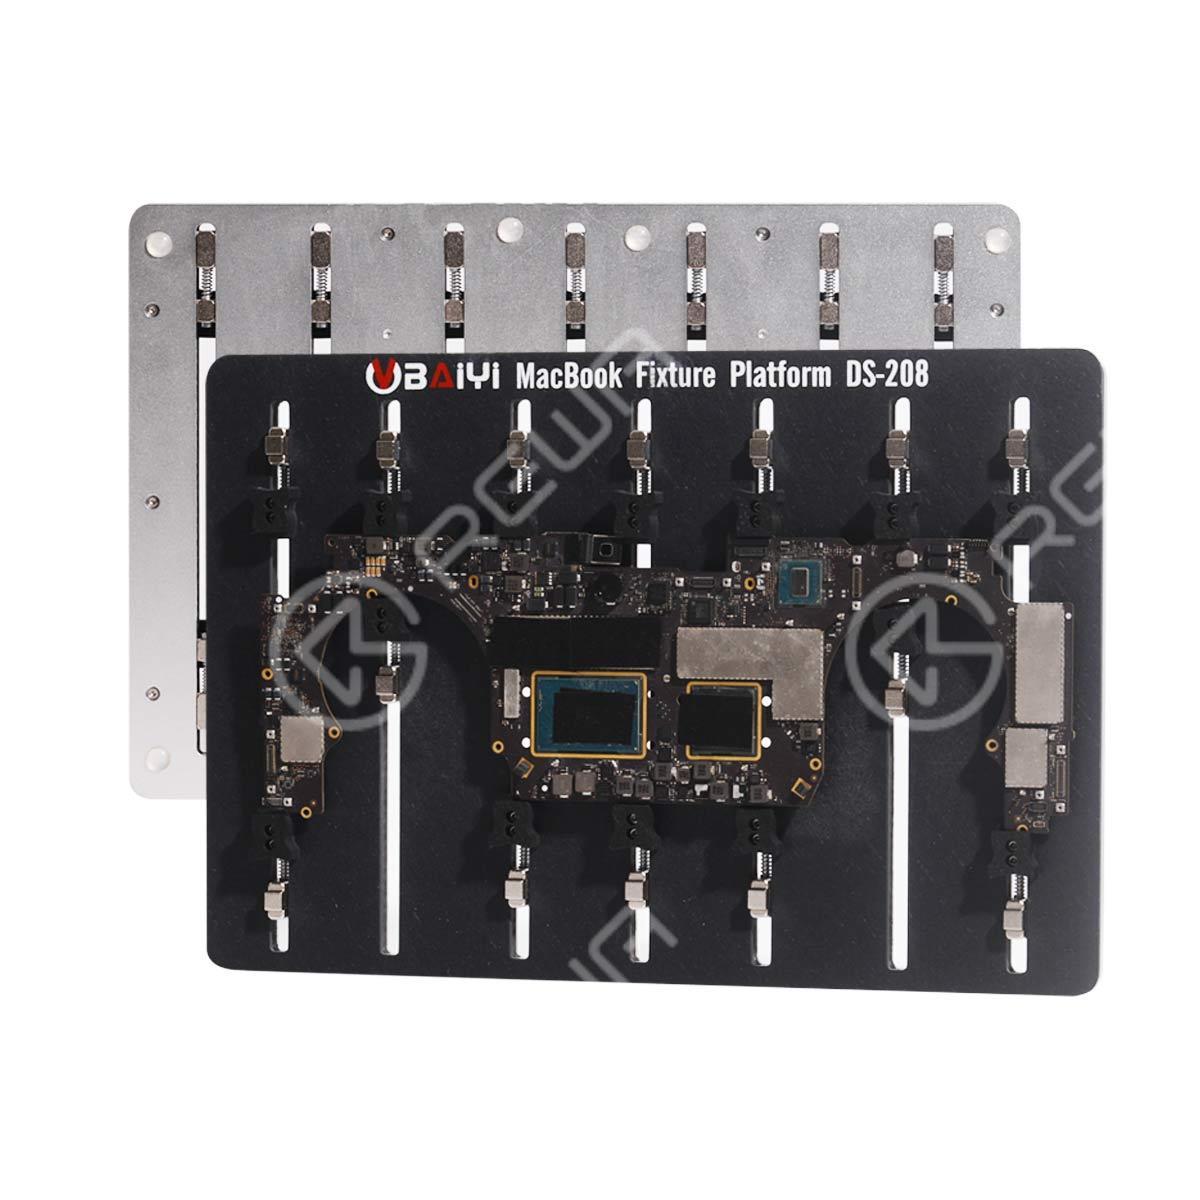 BAIYI DS-208 MacBook Fixture Platform for Motherboard Repair